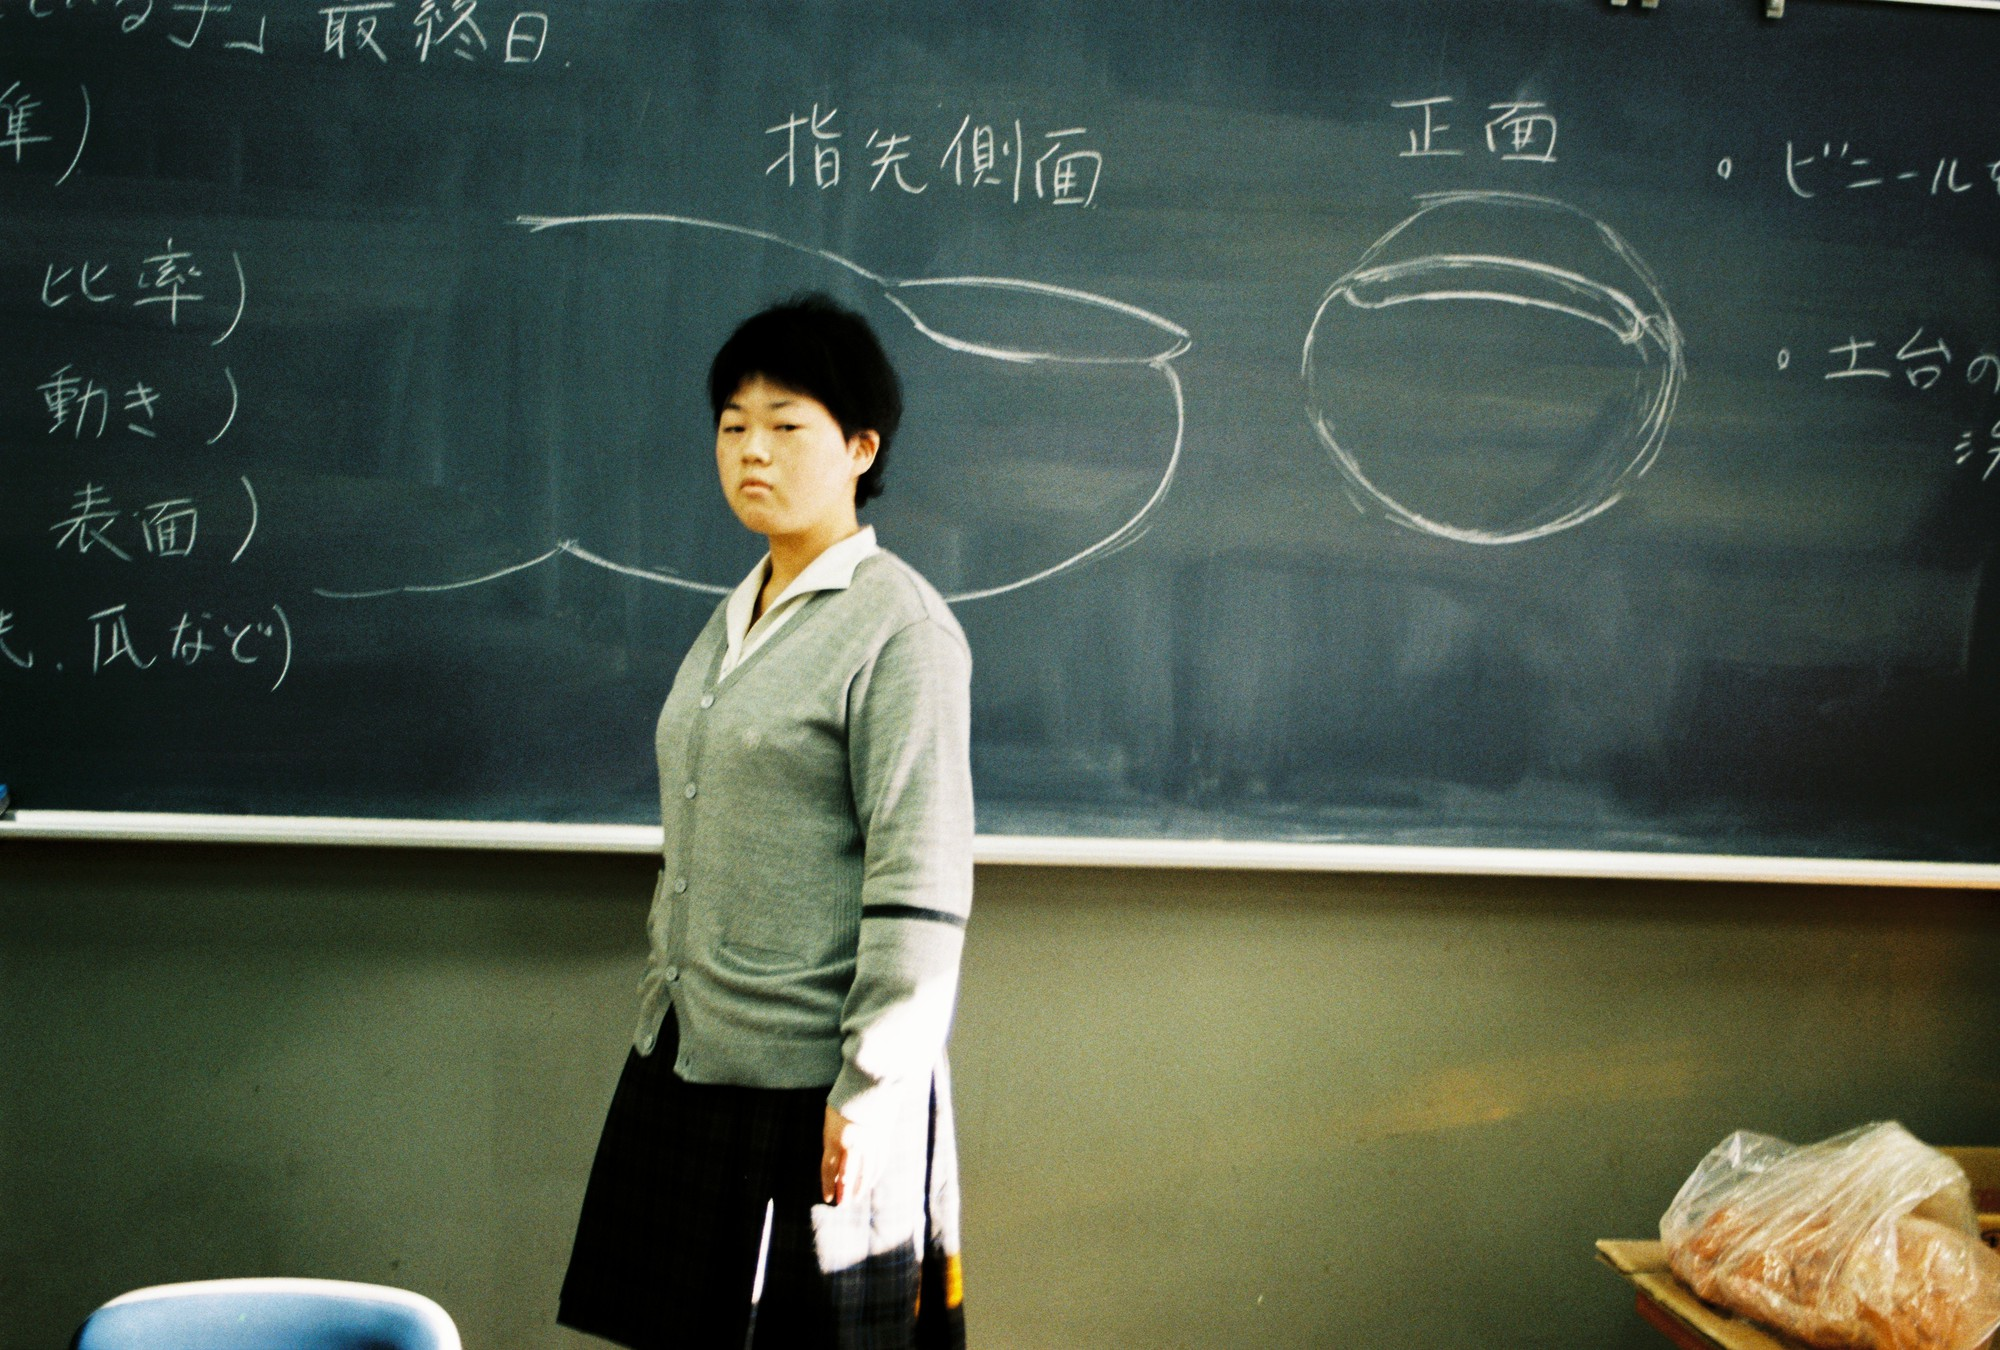 Bộ ảnh độc đáo lột tả cuộc sống nữ sinh trung học Nhật Bản những giờ phút bên ngoài giảng đường - Ảnh 12.